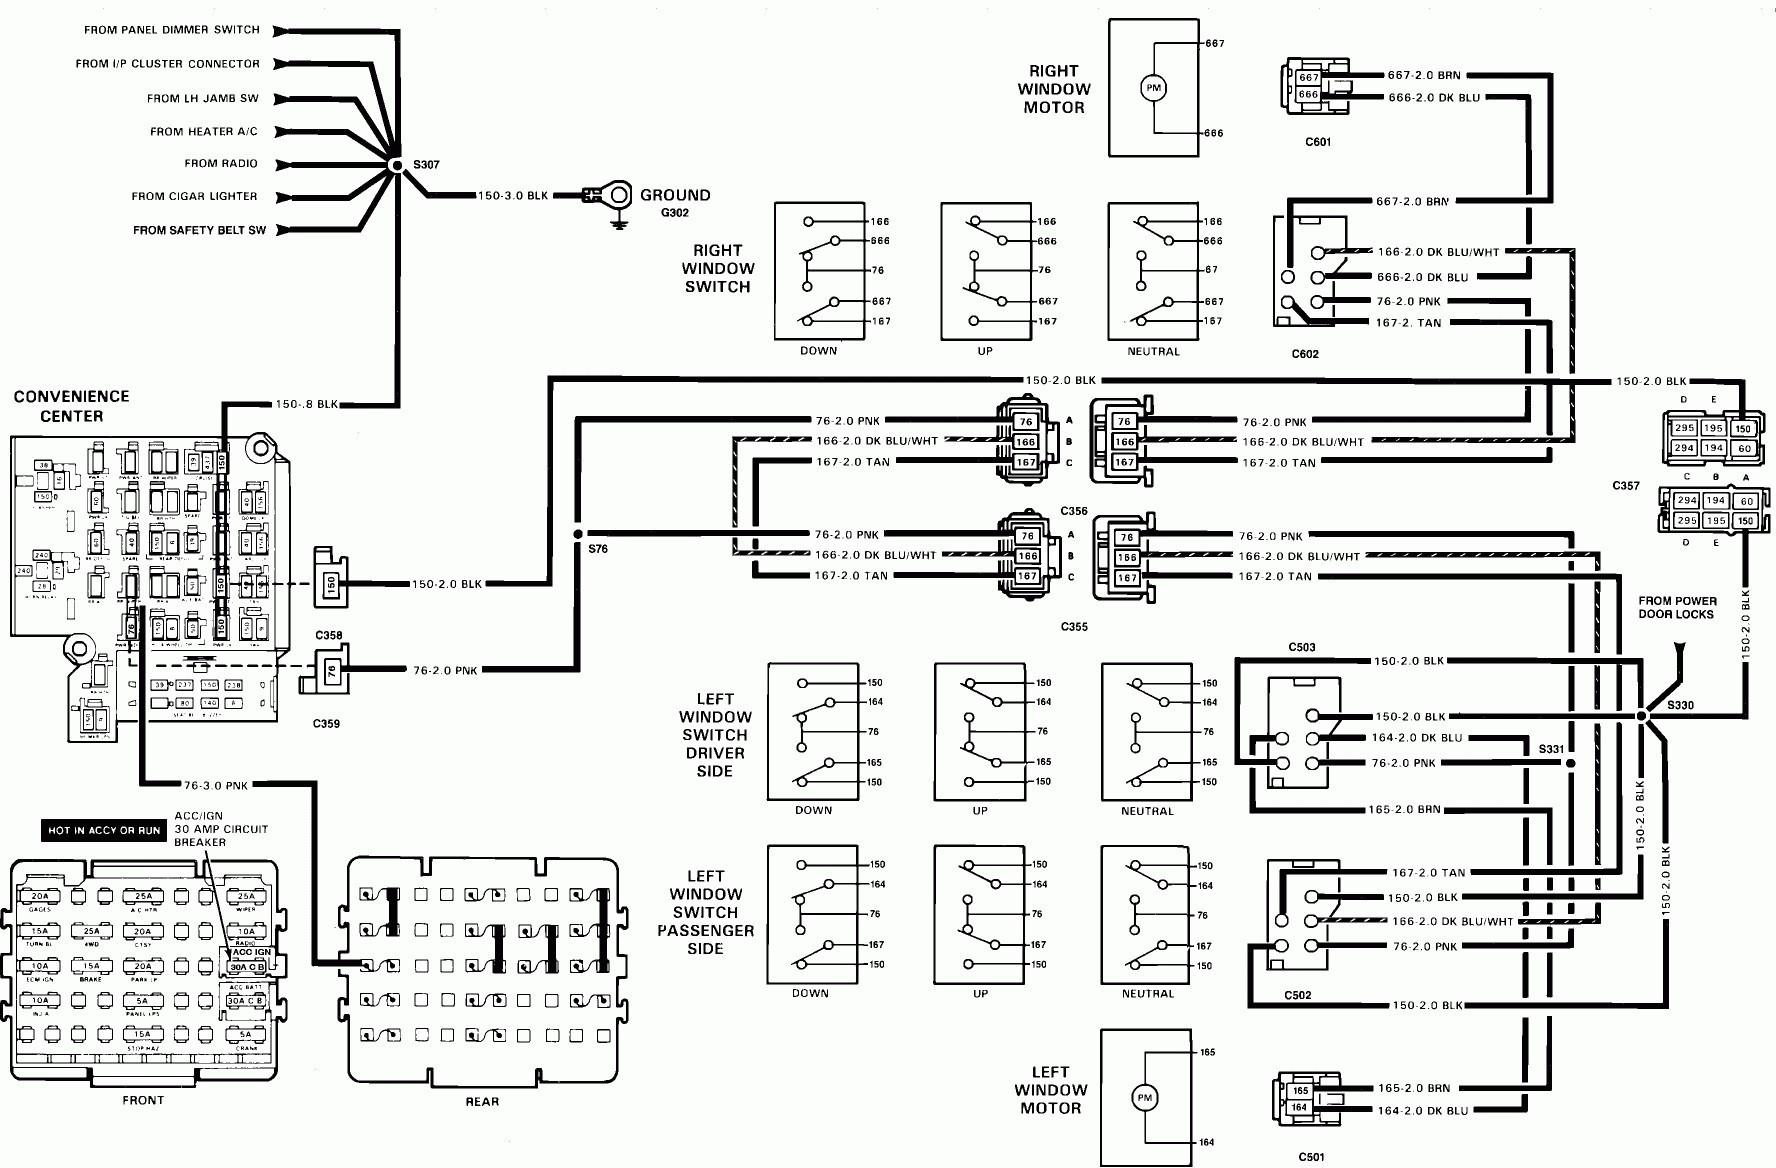 2000 Suburban Wiring Diagram - Cars Wiring Diagram Blog